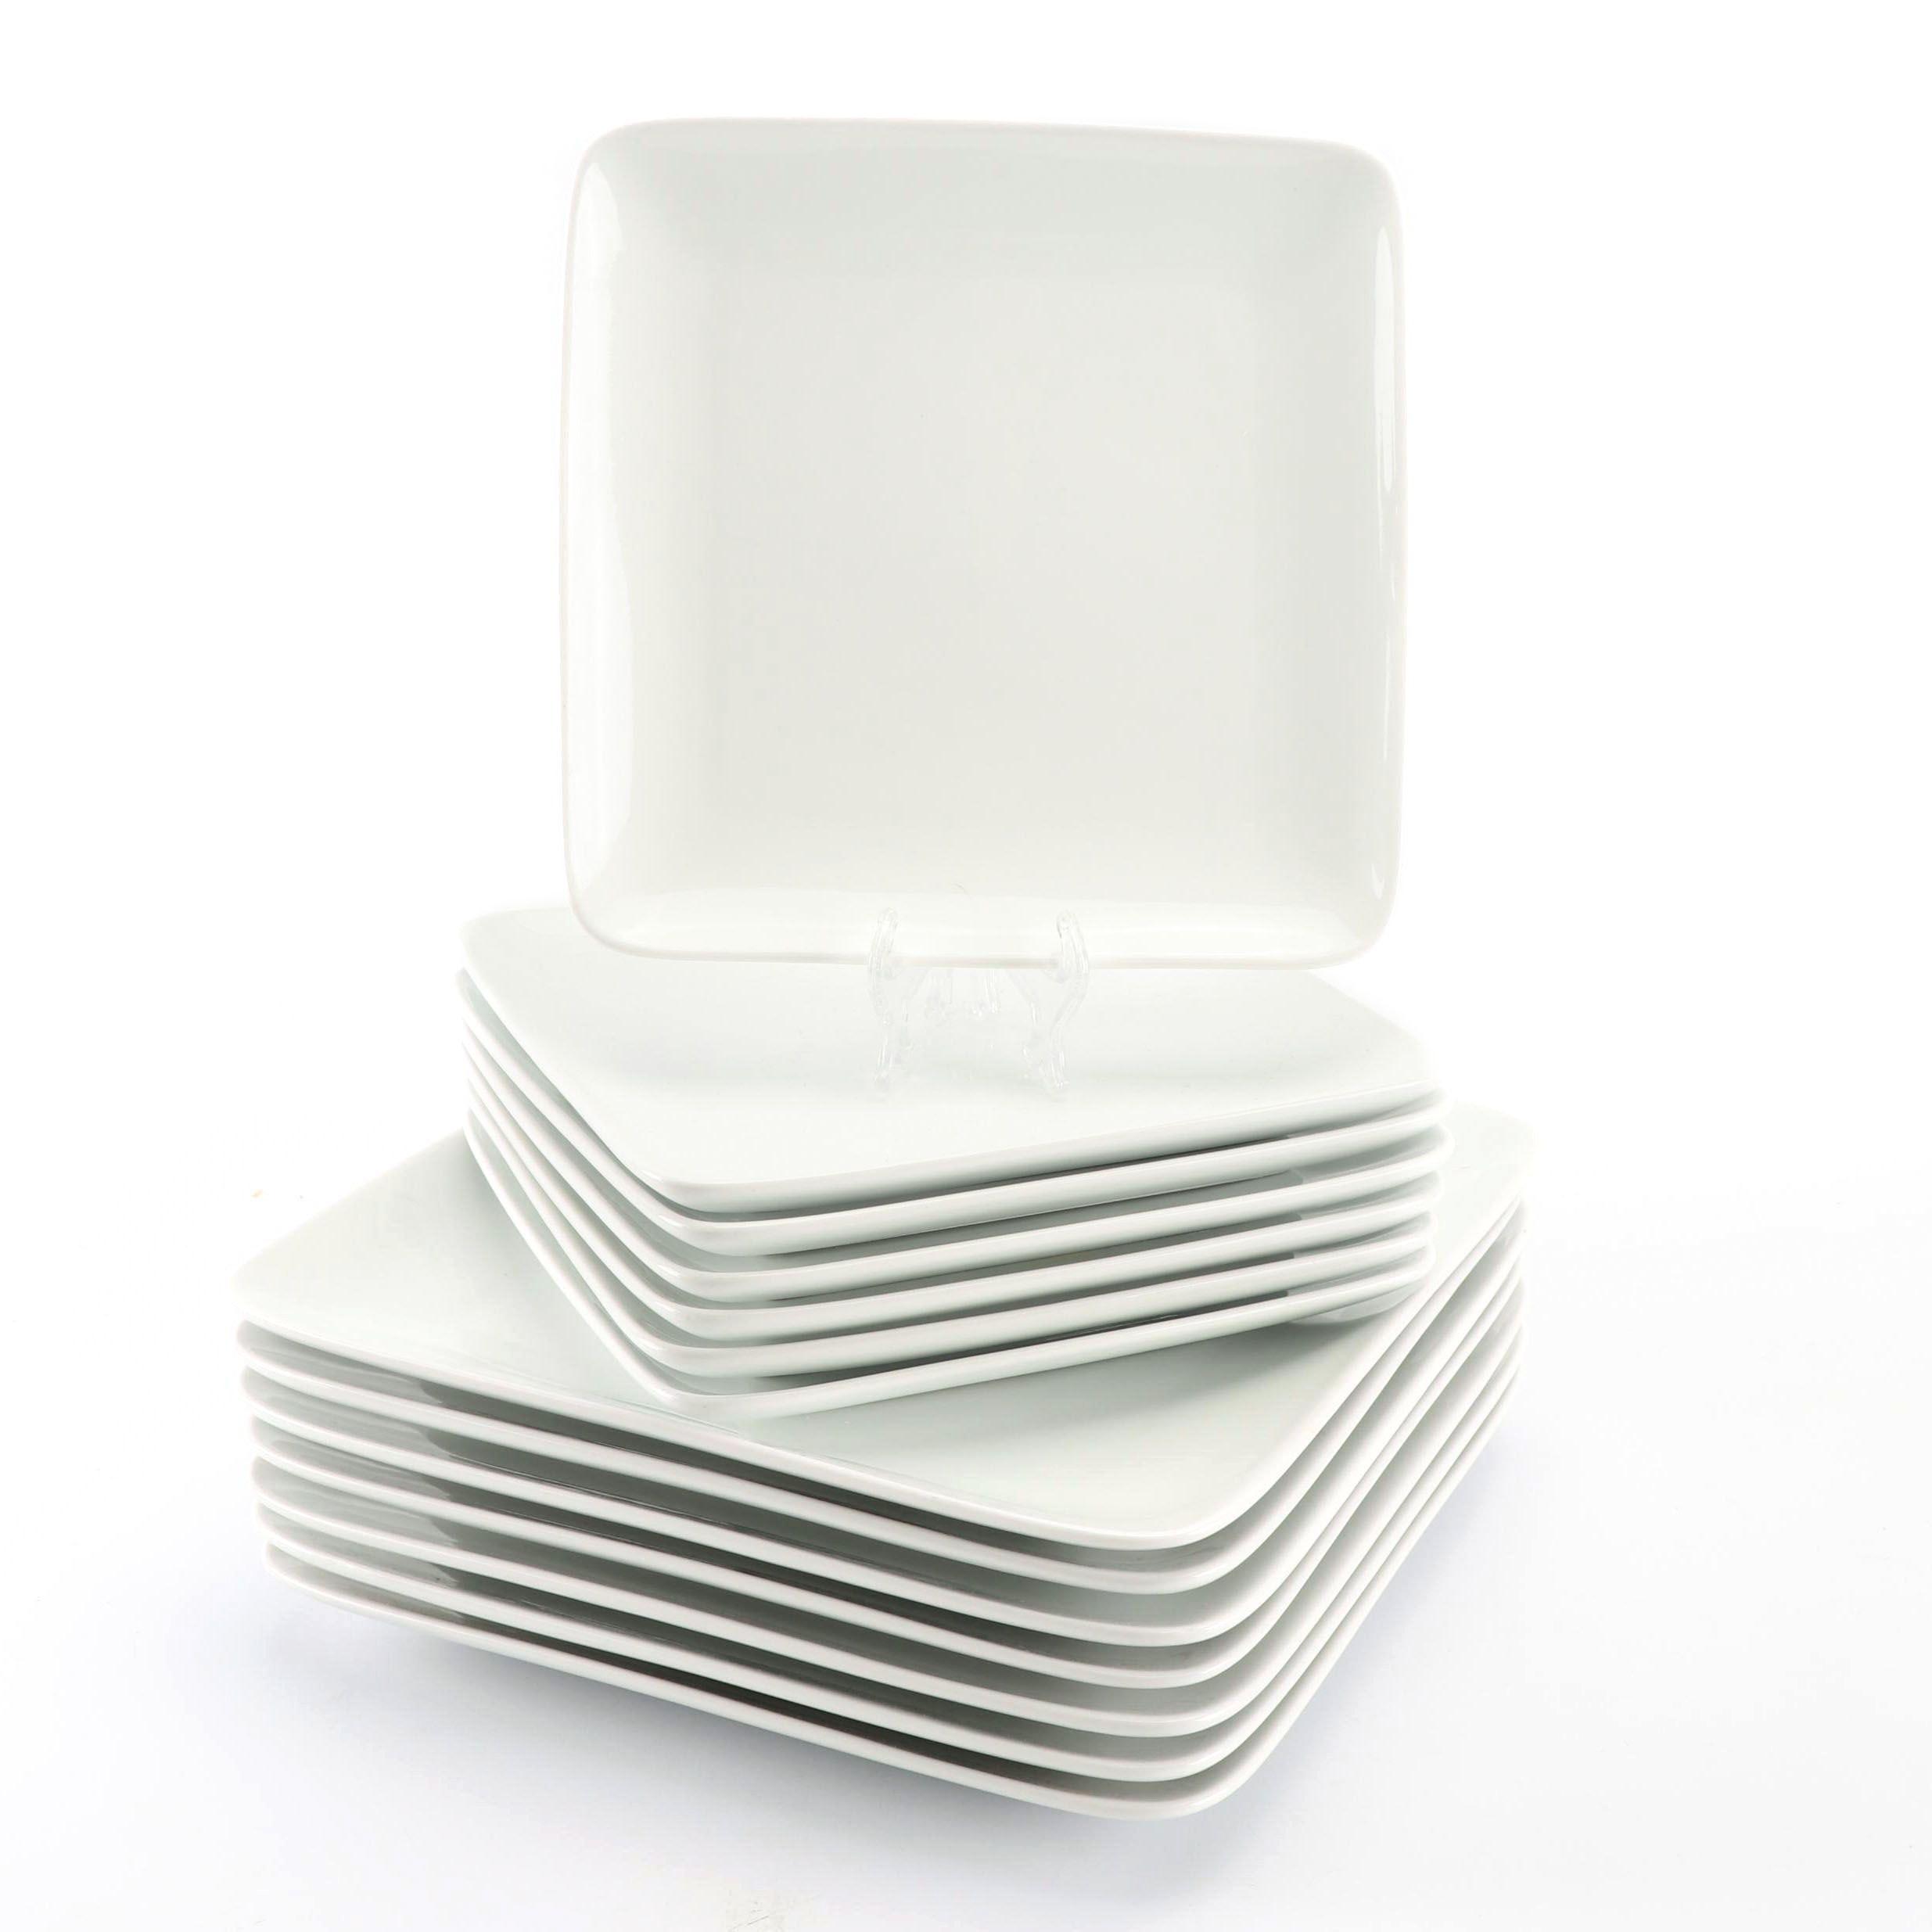 Crate & Barrel Seven-Piece Porcelain Dinner and Salad Plate Sets